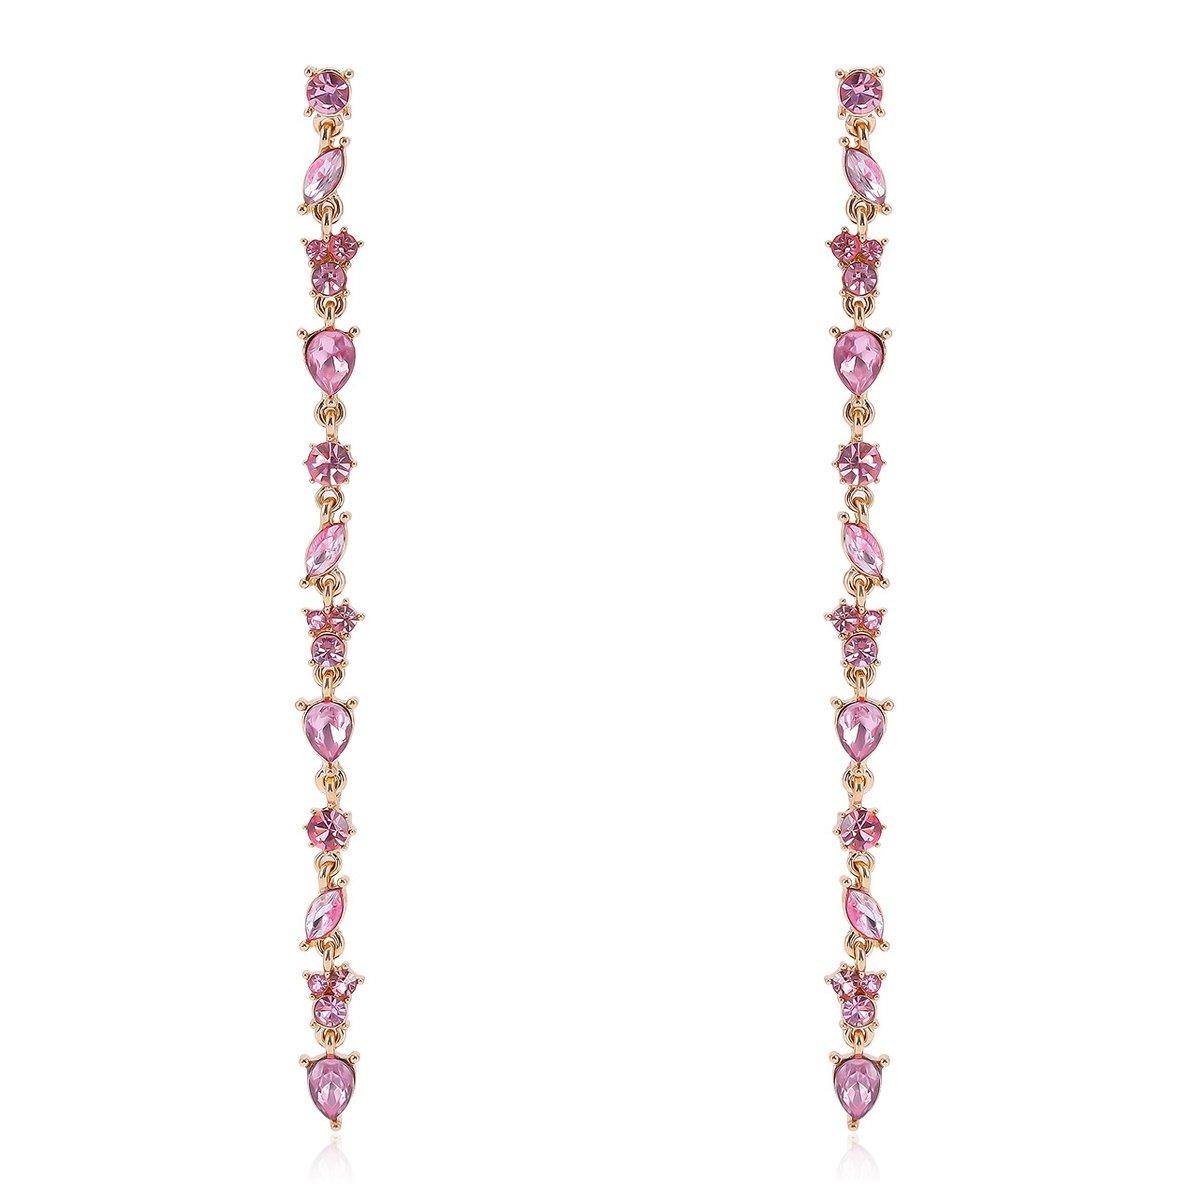 SODIAL Boucles d'oreilles branchees de pendentif de fleurs en strass Boucles d'oreilles longues de chaine de strass de mode pour bijoux des femmes 155134